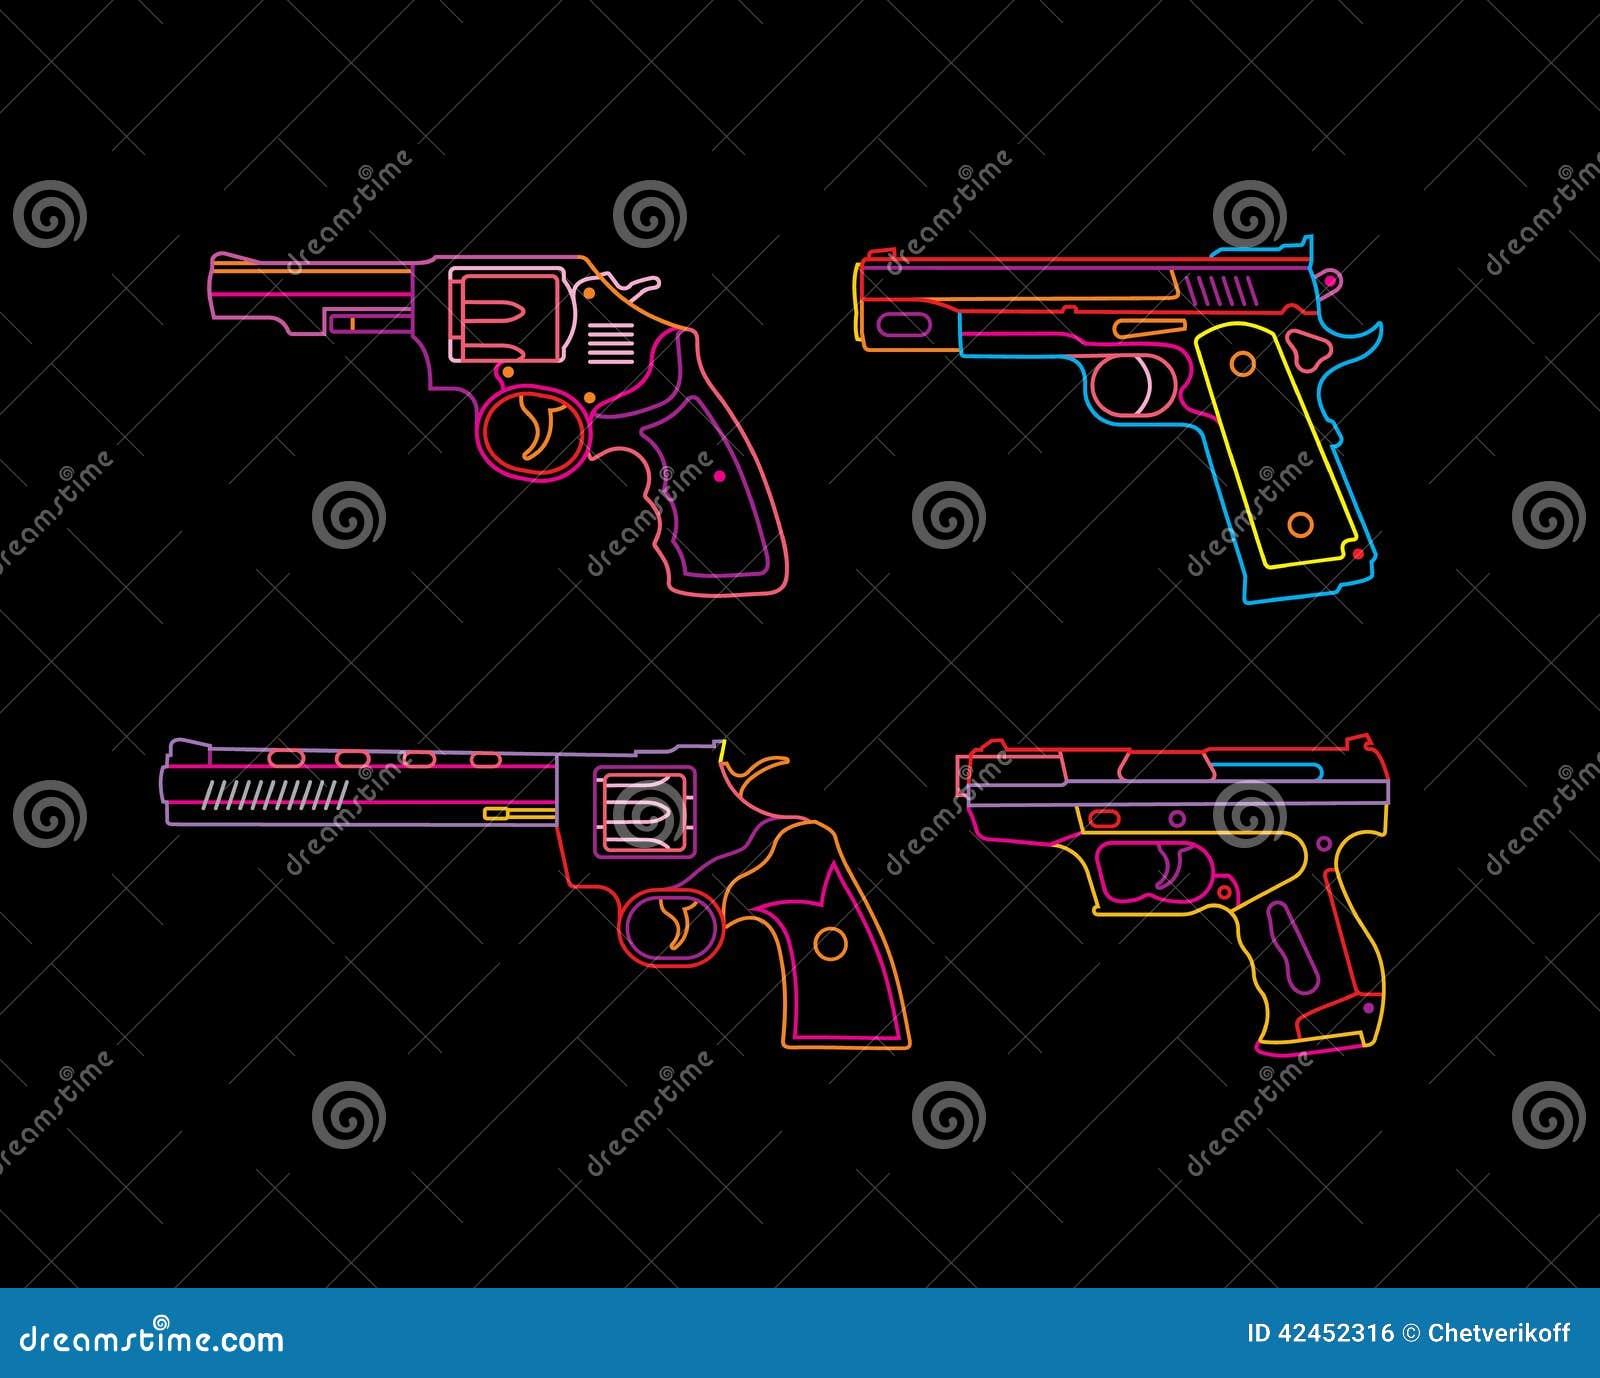 Neonpistolenzeichen